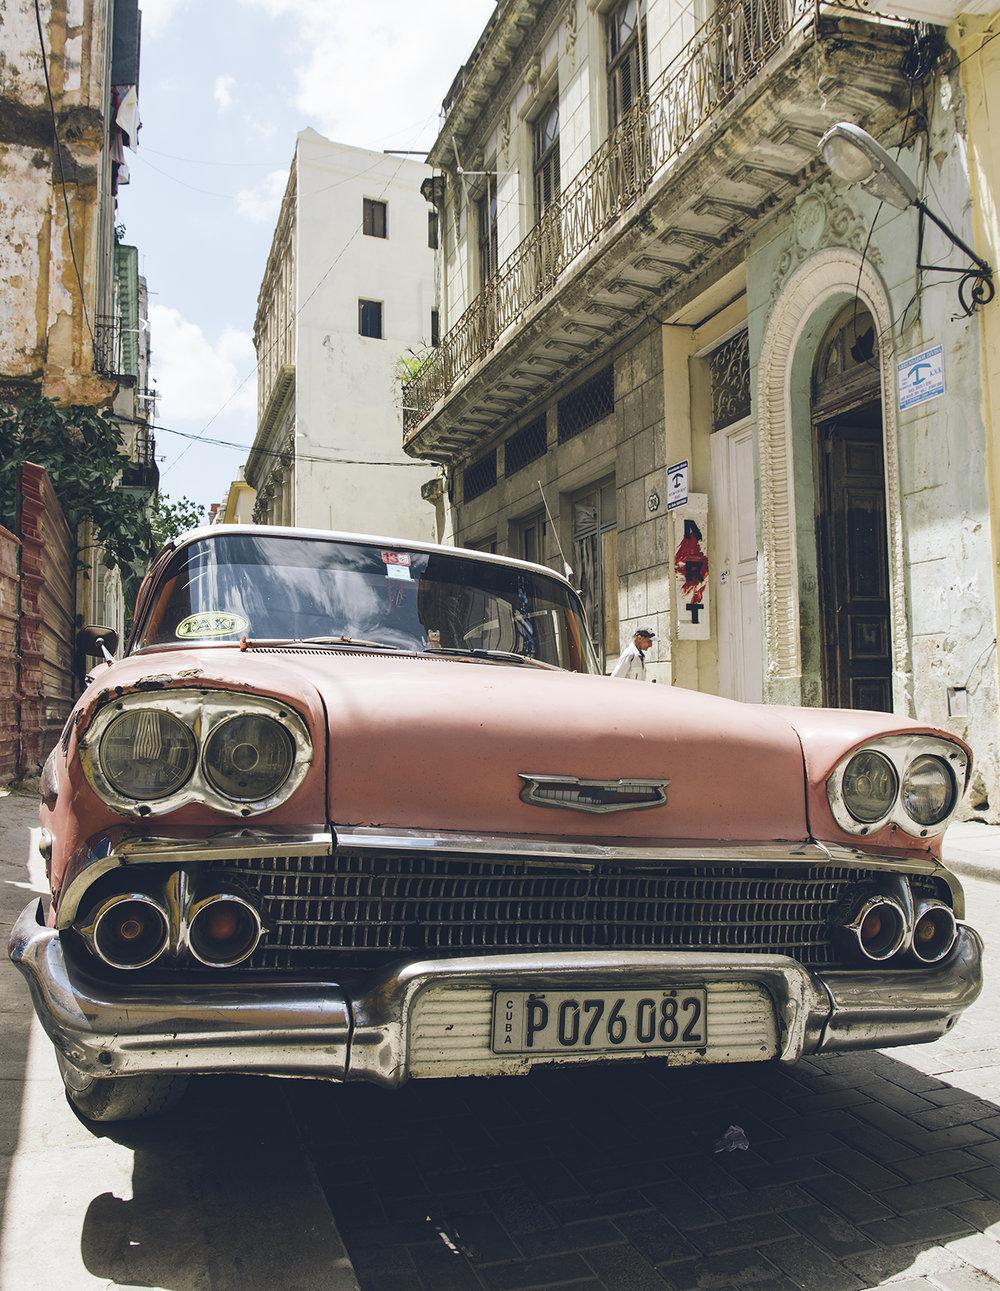 1958 Chevrolet Impala.